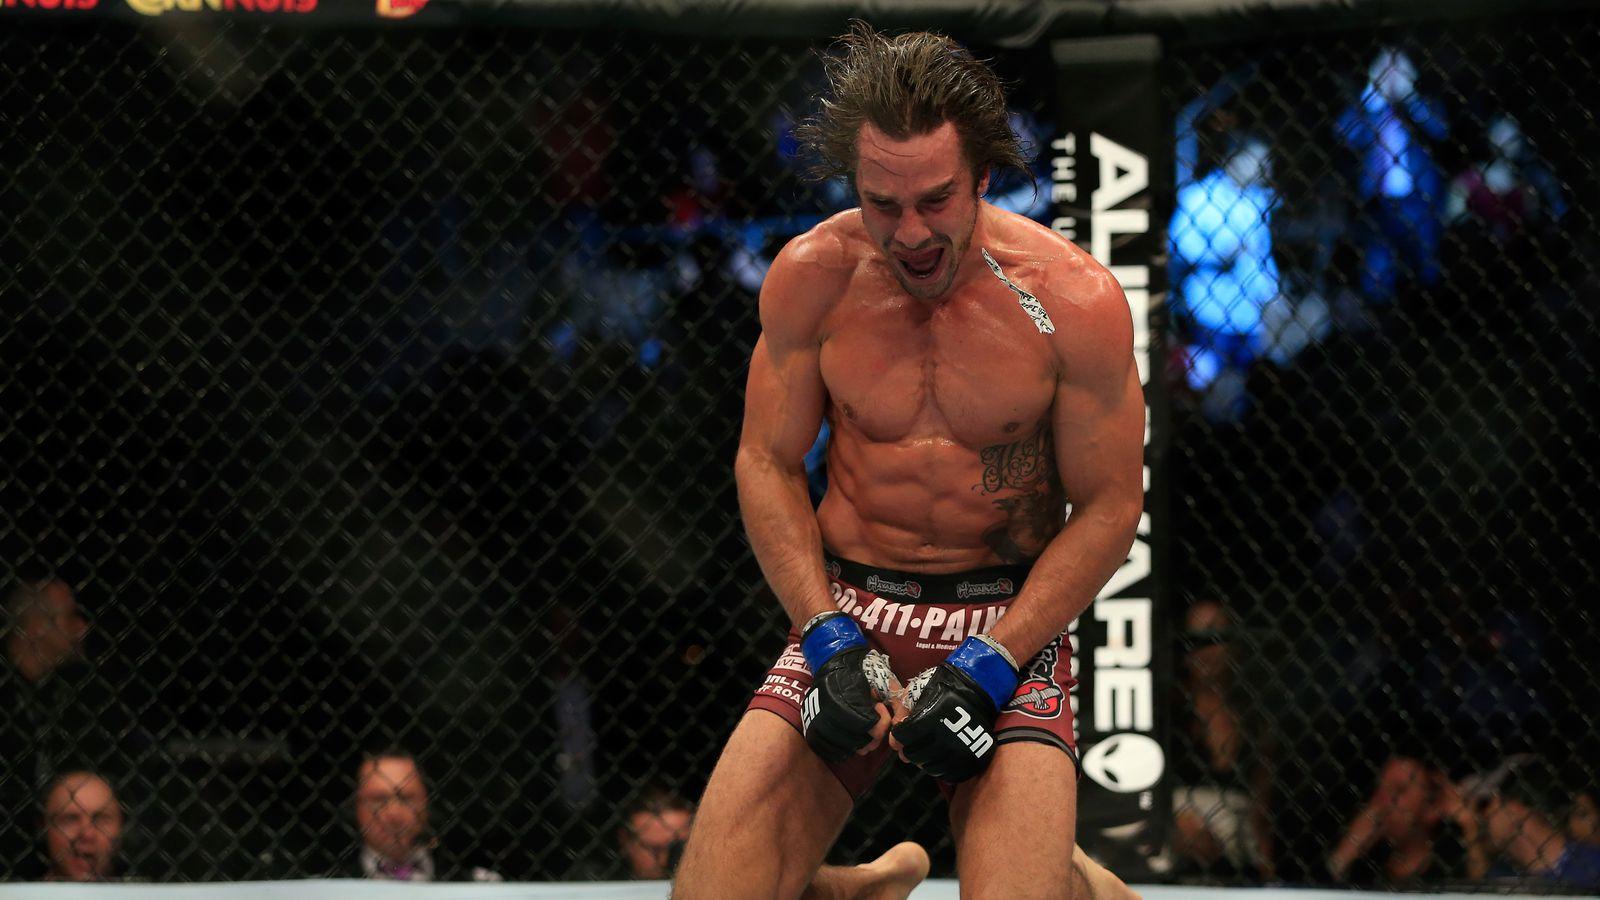 UFC dedicates UFC 204 to Josh Samman